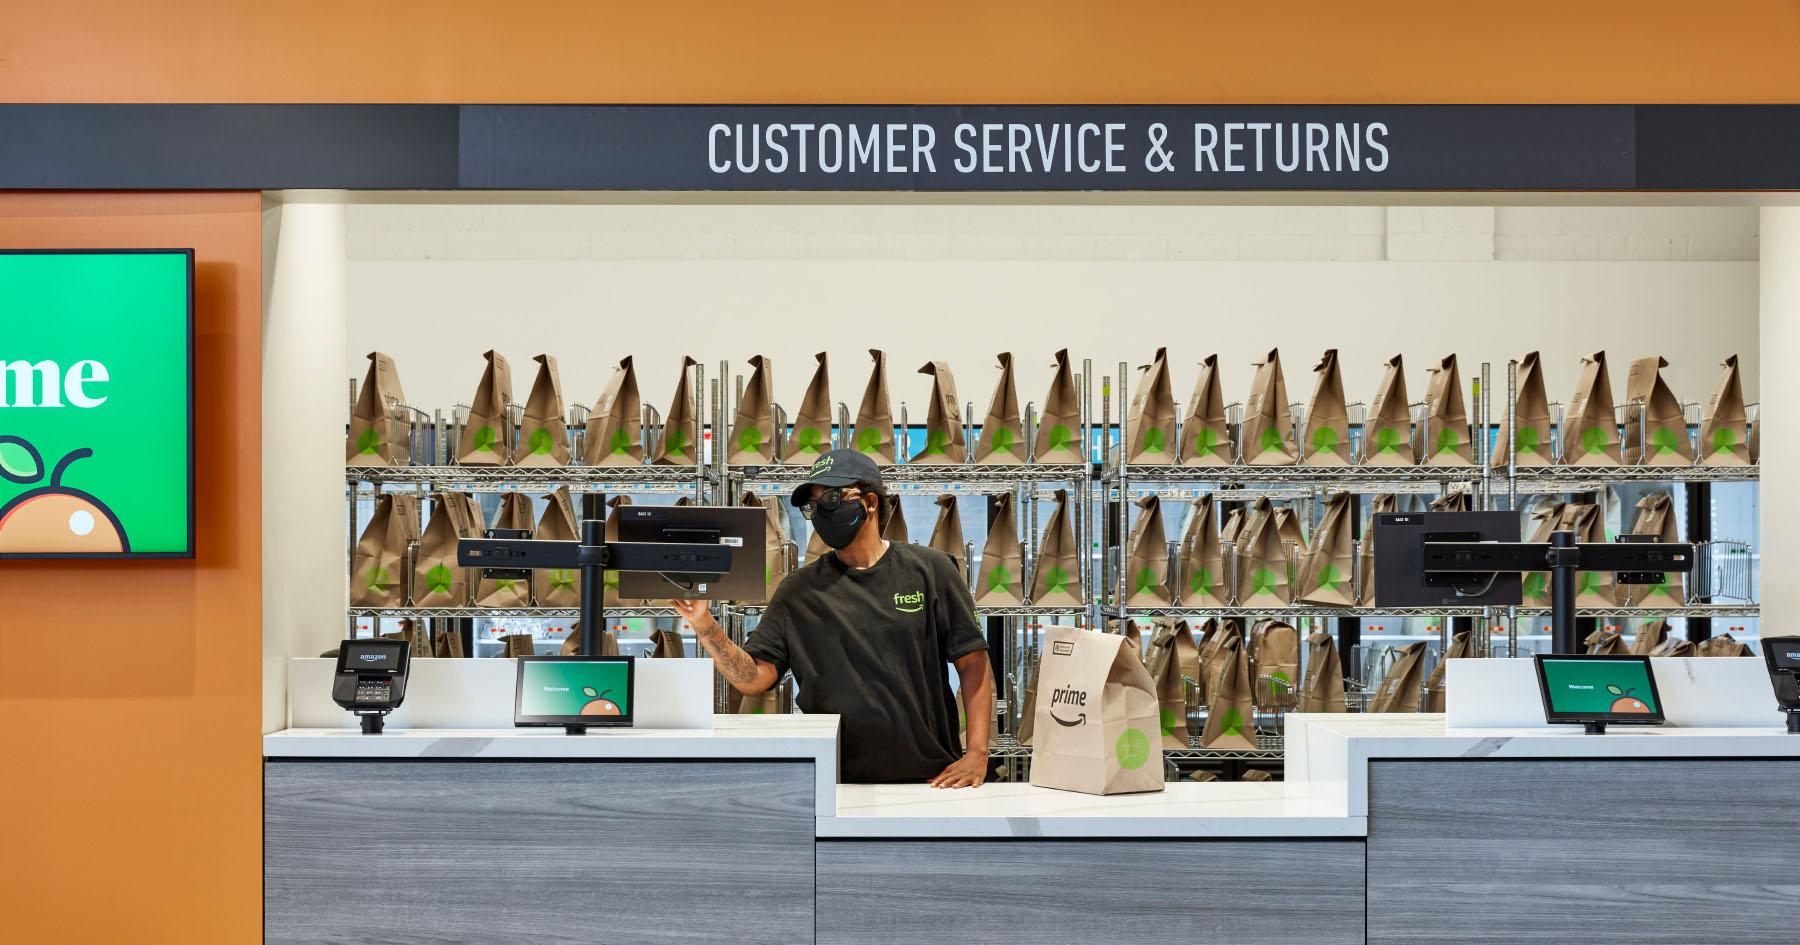 amazon fresh customer service